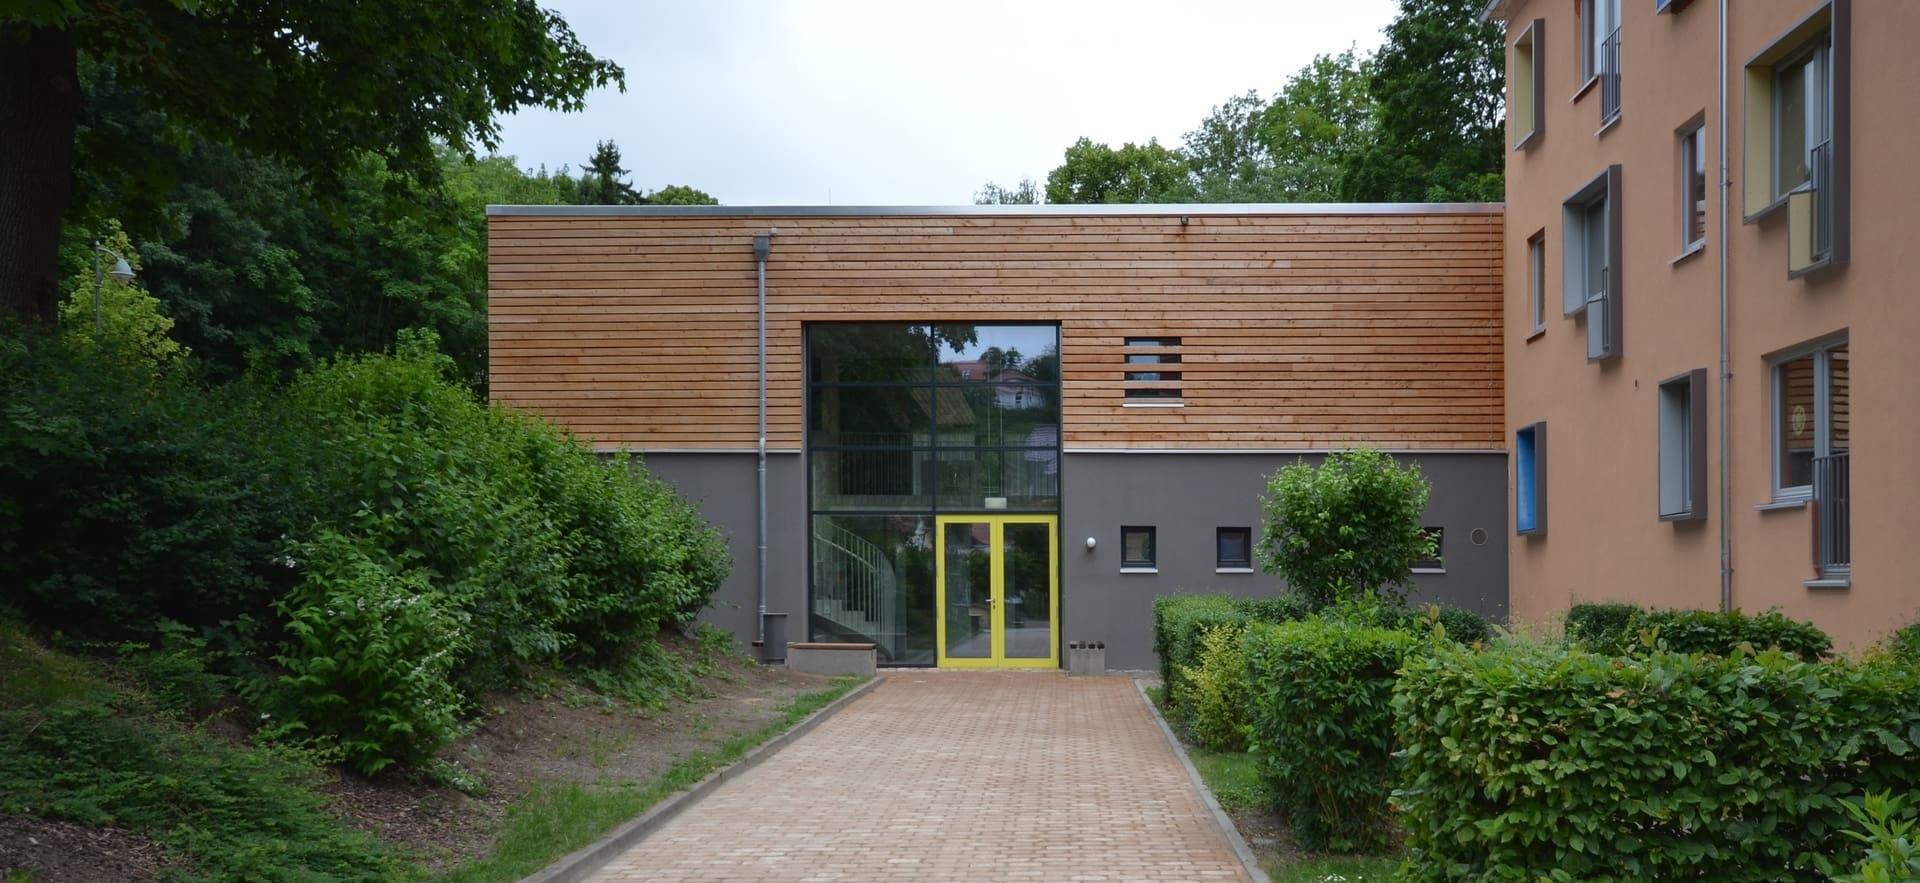 Sporthalle landesgymnasium f r musik steinblock architekten magdeburg - Architekten magdeburg ...